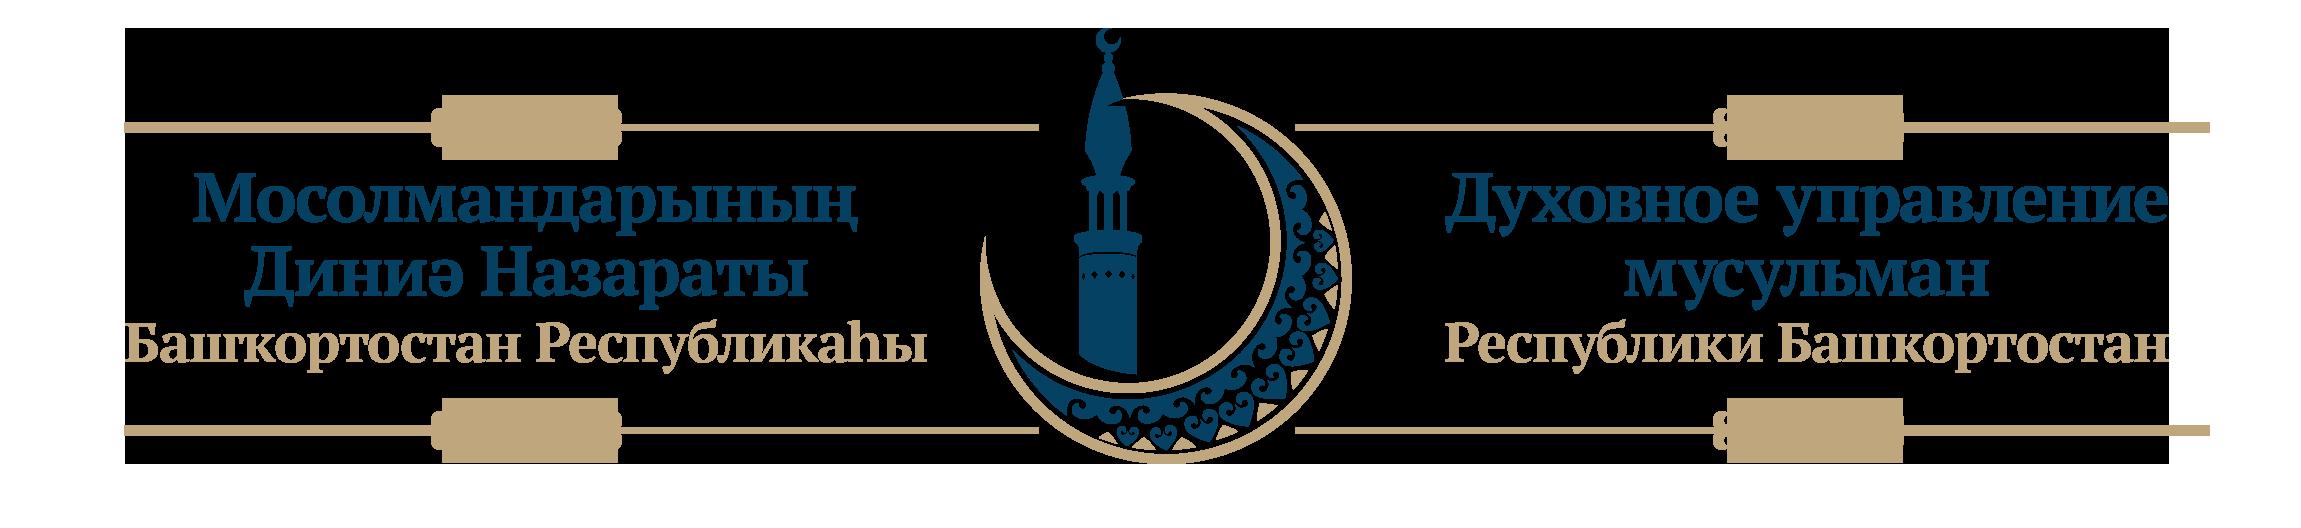 Духовное Управление Мусульман Республики Башкортостан. ДУМРБ